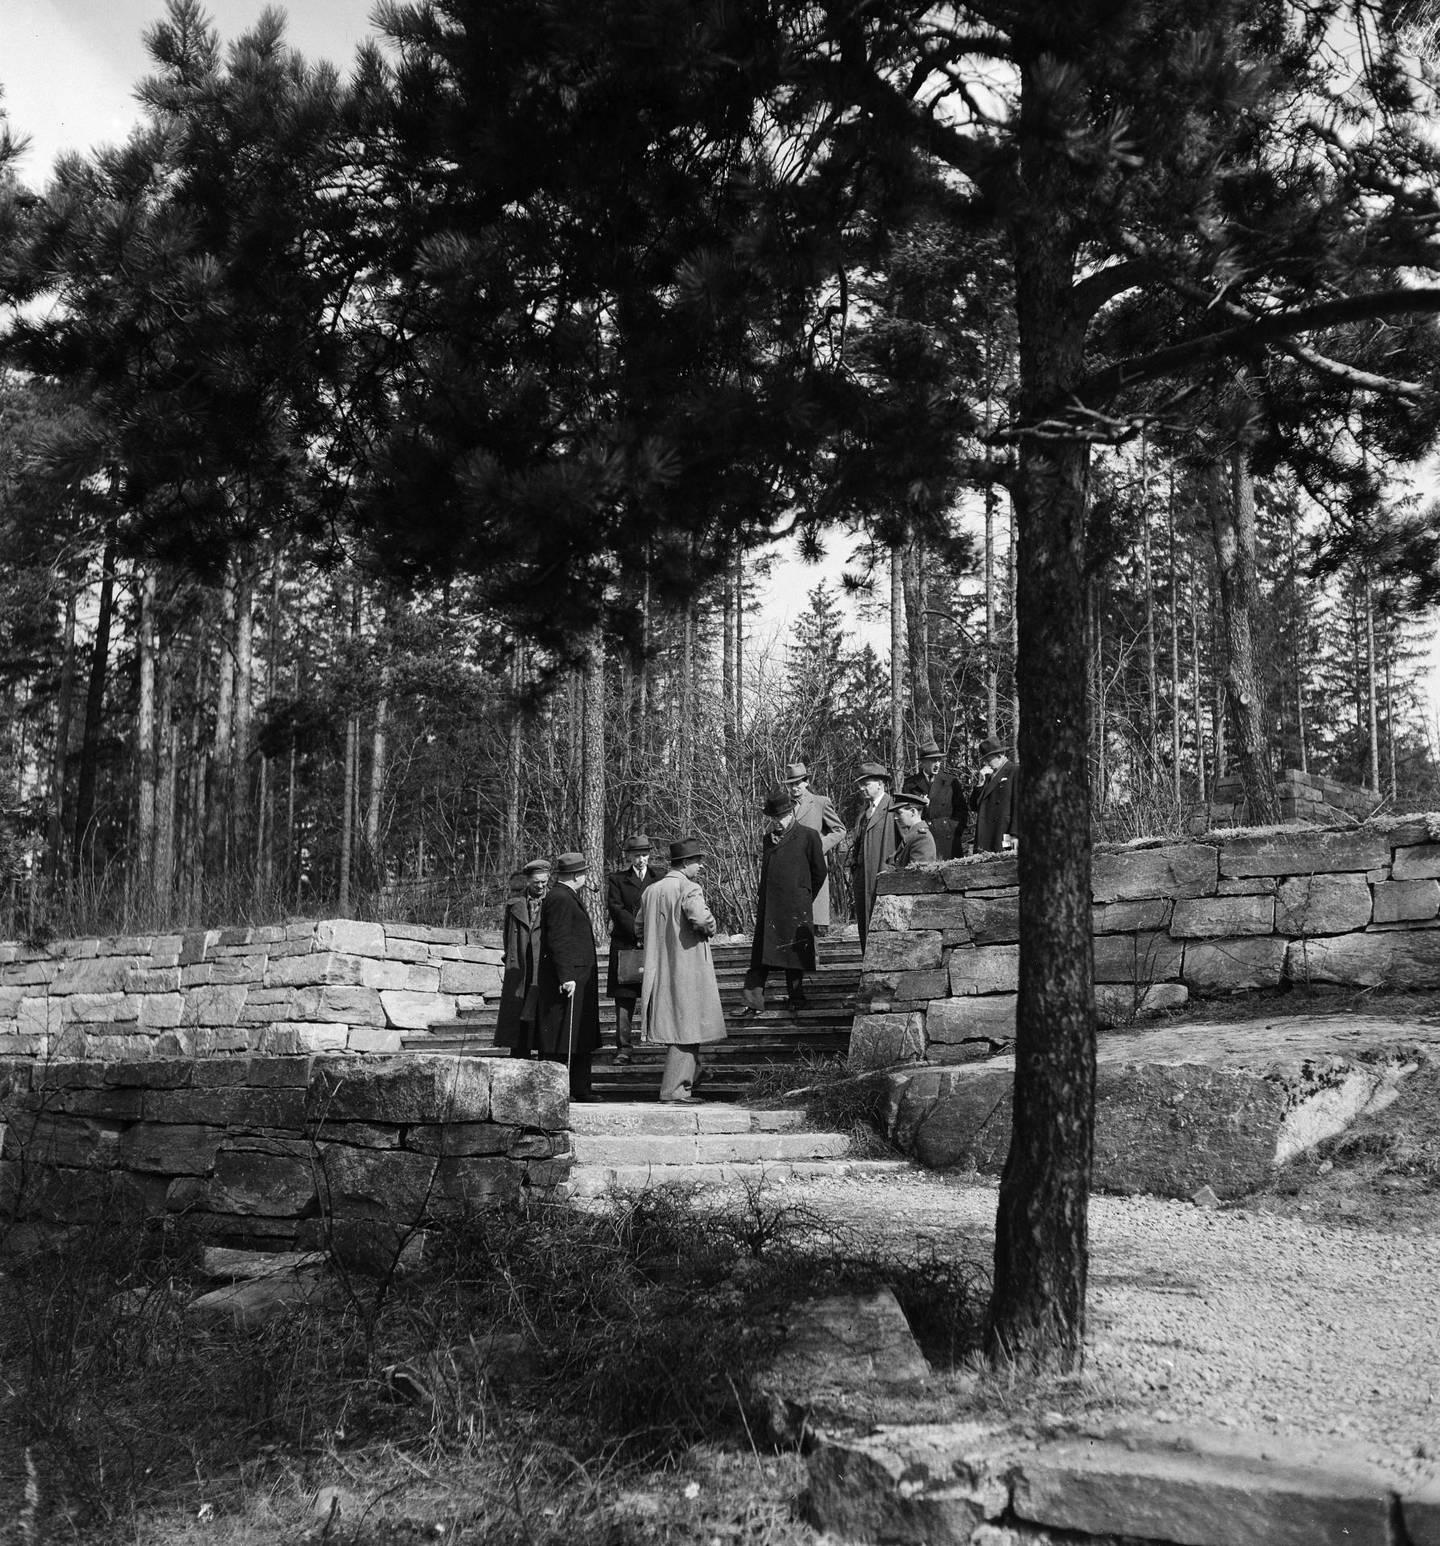 Hva skulle skje med det nazistiske minnesmerket etter frigjøringa? Kommunal befaring på den tysk krigskirkegården i april 1947. Foto: Leif Ørnelund, Oslo Museum